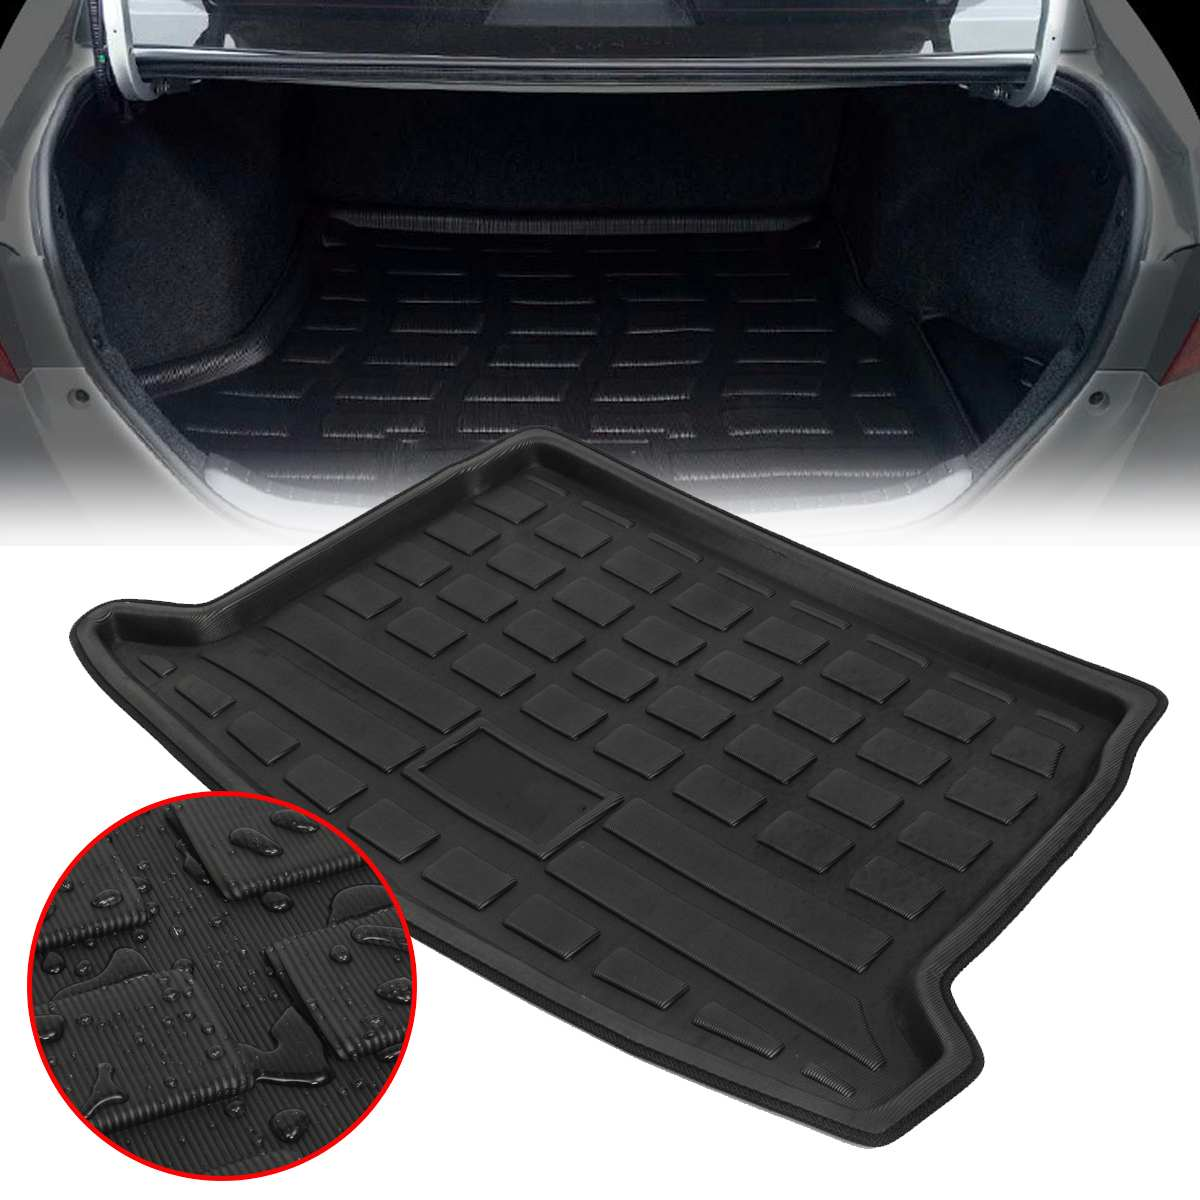 Bandeja para maletero de coche EVA, cojín para maletero, alfombrilla con revestimiento de maletero, carga para VW Golf 6 GTI 2009-2013